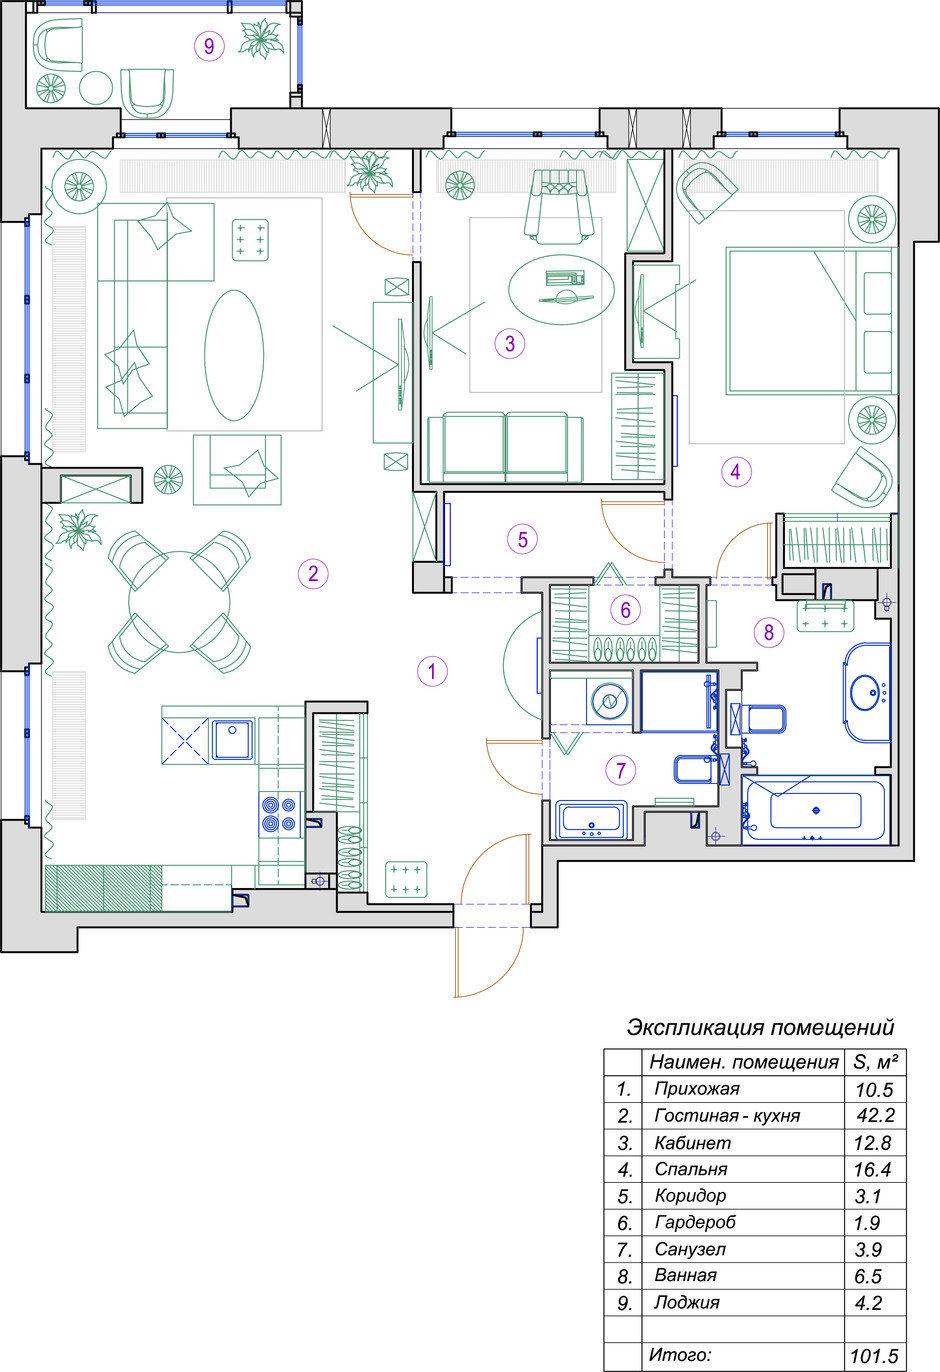 Фотография: Планировки в стиле , Квартира, Проект недели, Санкт-Петербург, 3 комнаты, Более 90 метров, Монолитно-кирпичный, Студия элитного жилья Александра Акименкова – фото на InMyRoom.ru